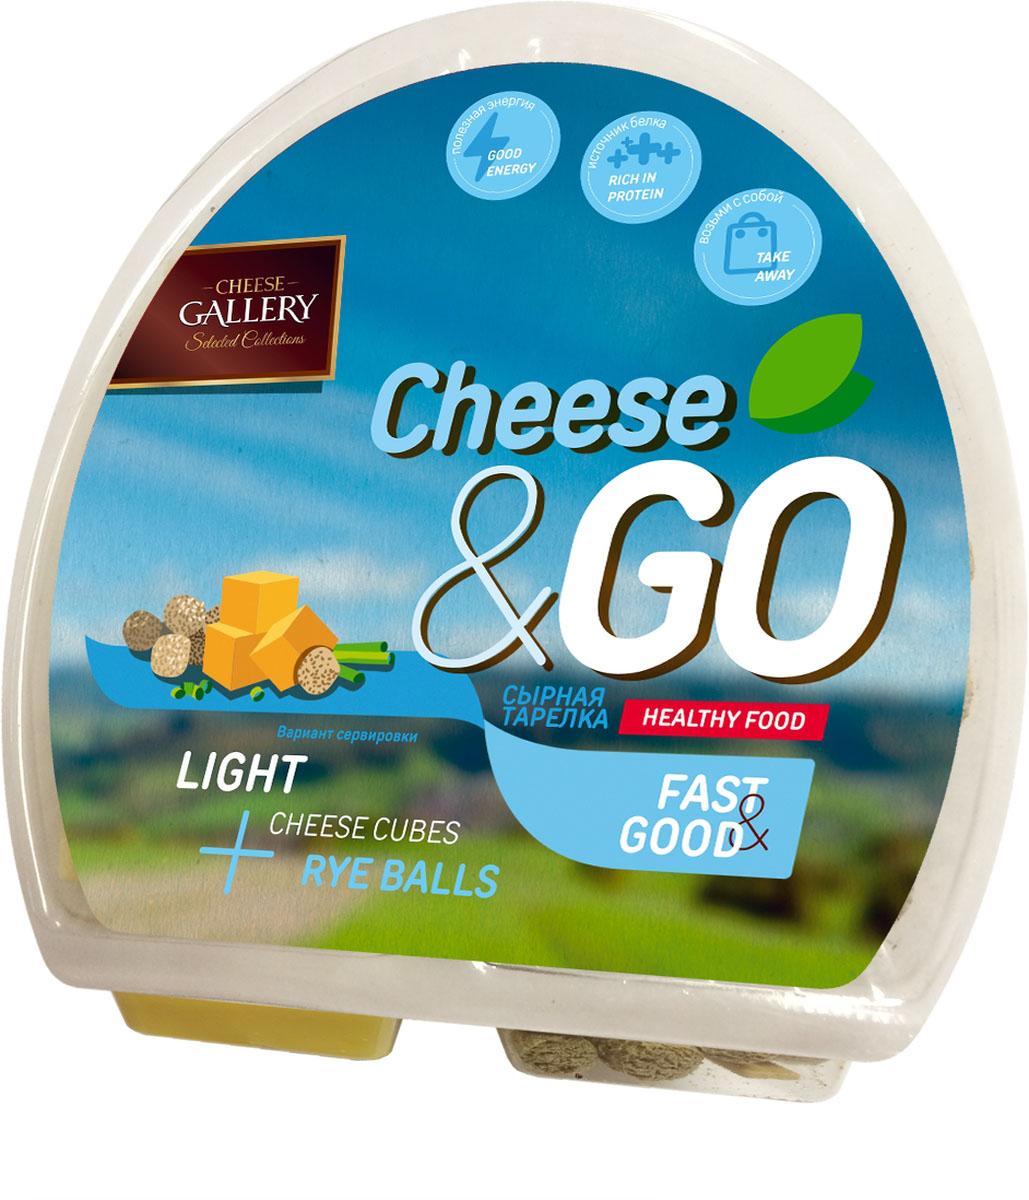 Cheese&Go Сыр Лайт, Отруби, сырная тарелка, 70 г105-157Сырная тарелка Cheese&Go - это здоровый перекус в любое время и в любом месте, особенно для тех кто следит за своей фигурой.Калорийность сырной тарелки составляет всего 171 ккал.В сырной тарелке два отделения: в одном лежат кубики сыра Light в другом отруби.Сочетание сыра идельно подобрано с наполнителем для раскрытия его вкуса.Для удоства потребления в тарелке лежит деревянная шпажка.Пищевая ценность на 100 г продукта: жиры - 26 г, белки - 15 г.Энергетическая ценность на 100 г продукта: 240 ккал.